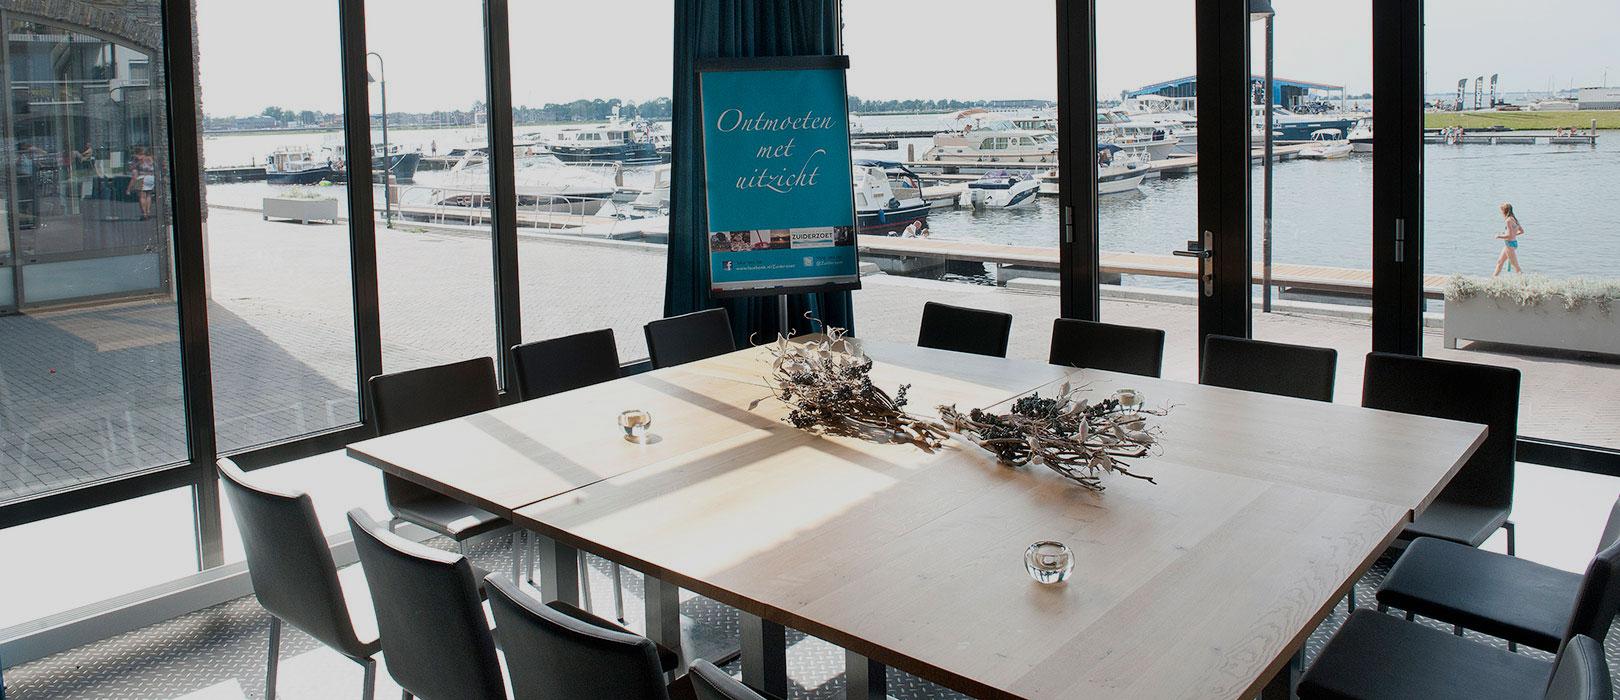 Zakelijke toplocatie | Brasserie Zuiderzoet